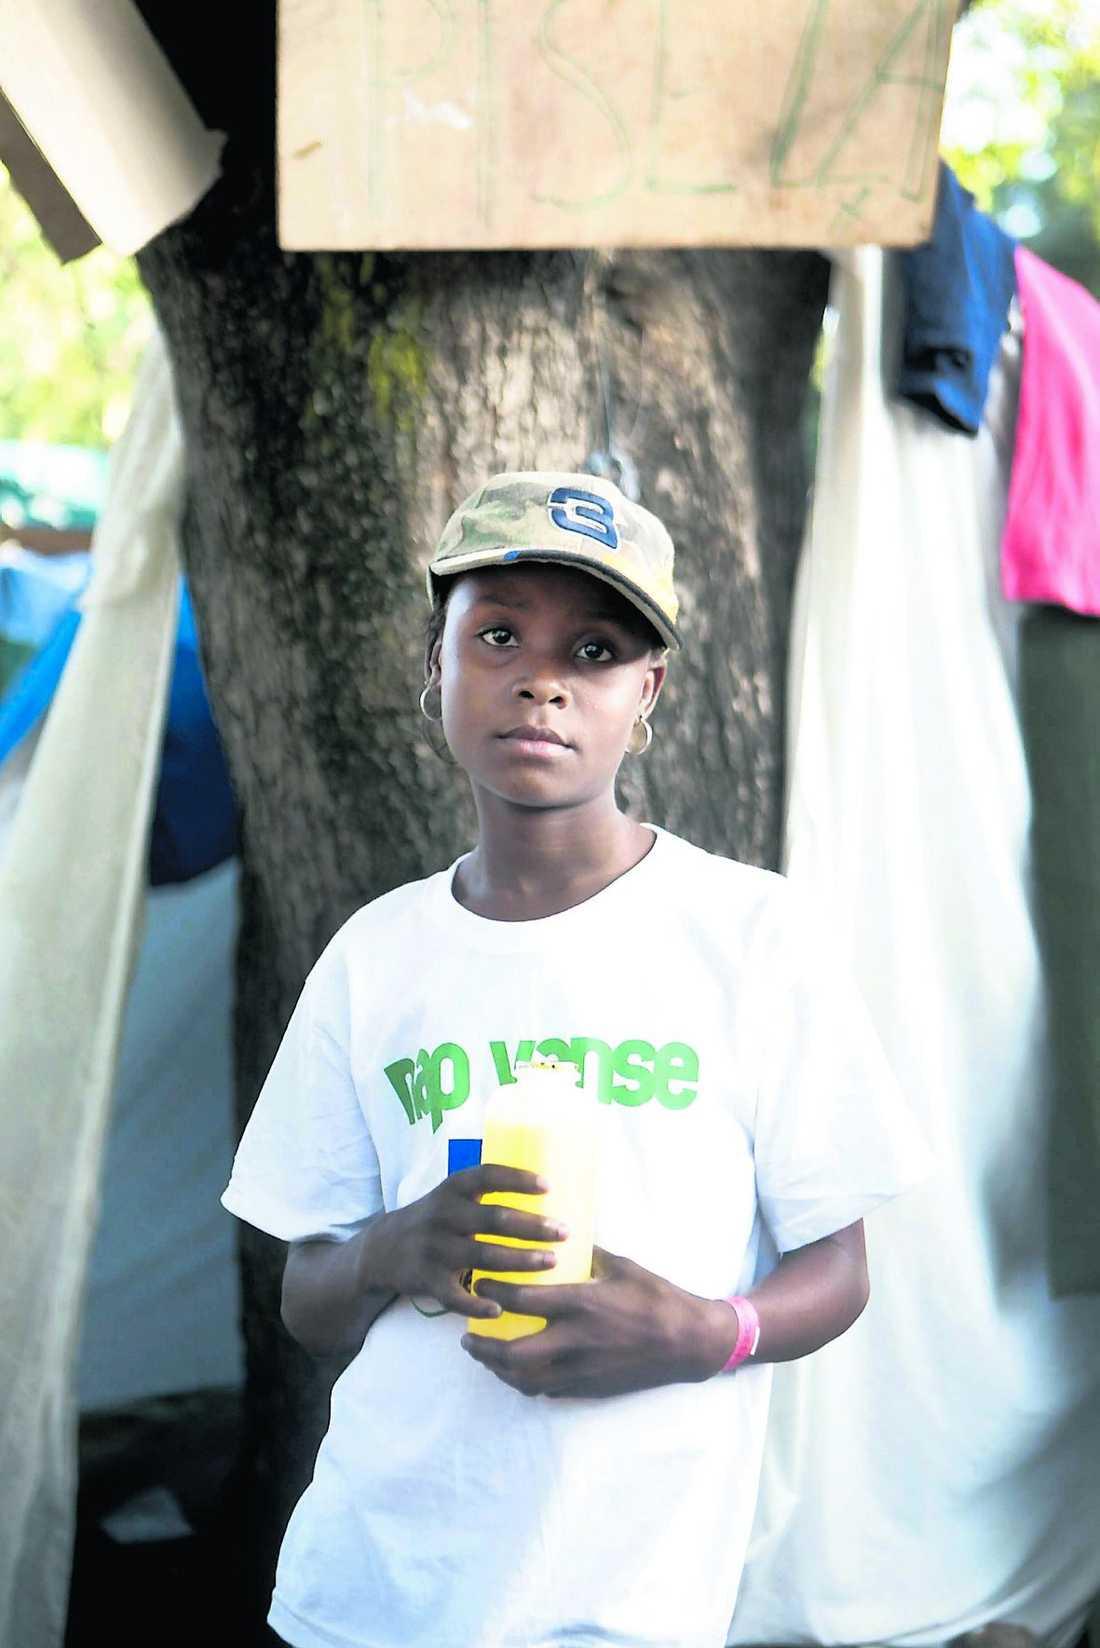 Jean Fabiola, 10. Båda föräldrarna döda.